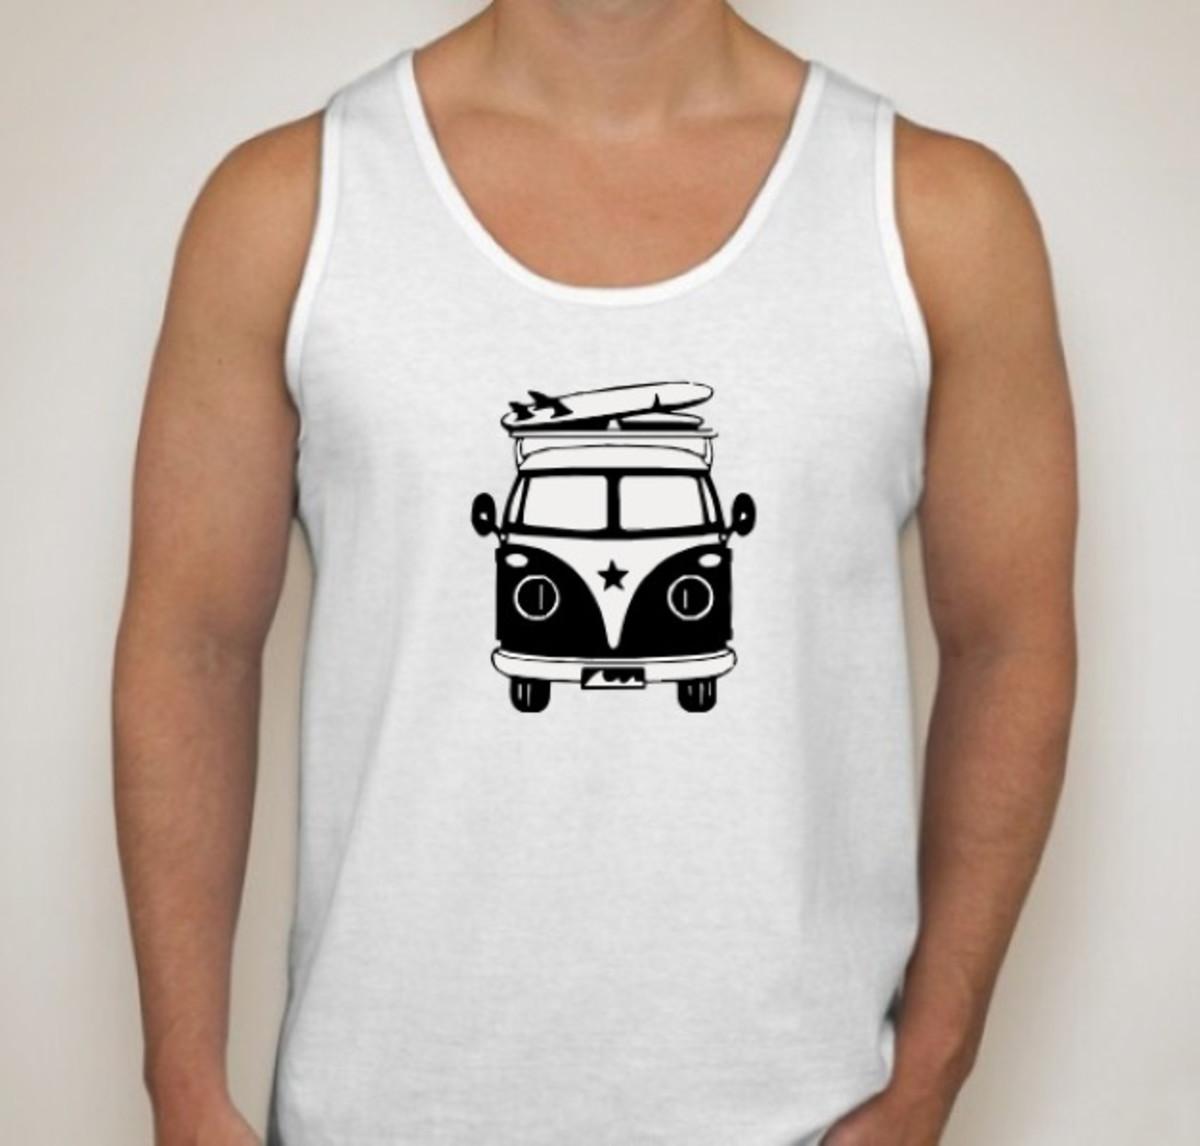 Camiseta Regata Combi Pirua Surf no Elo7  86c23a0a624